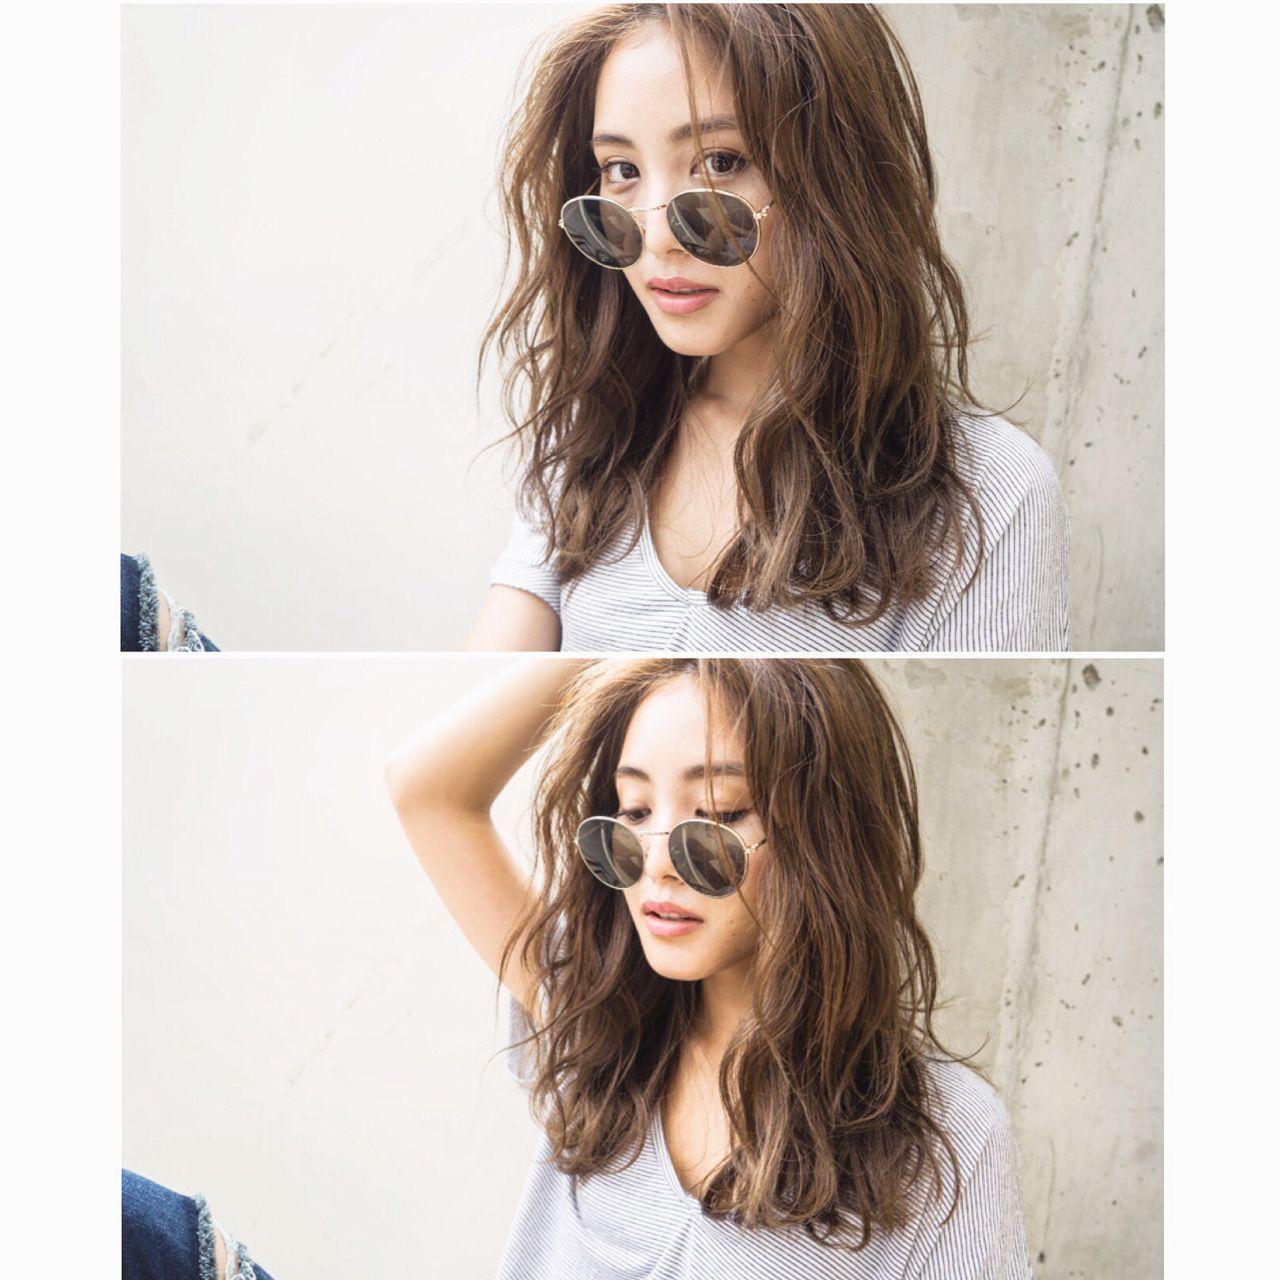 夏が来た!!夏フェス参加者必見♡おすすめ髪型8選の14枚目の画像